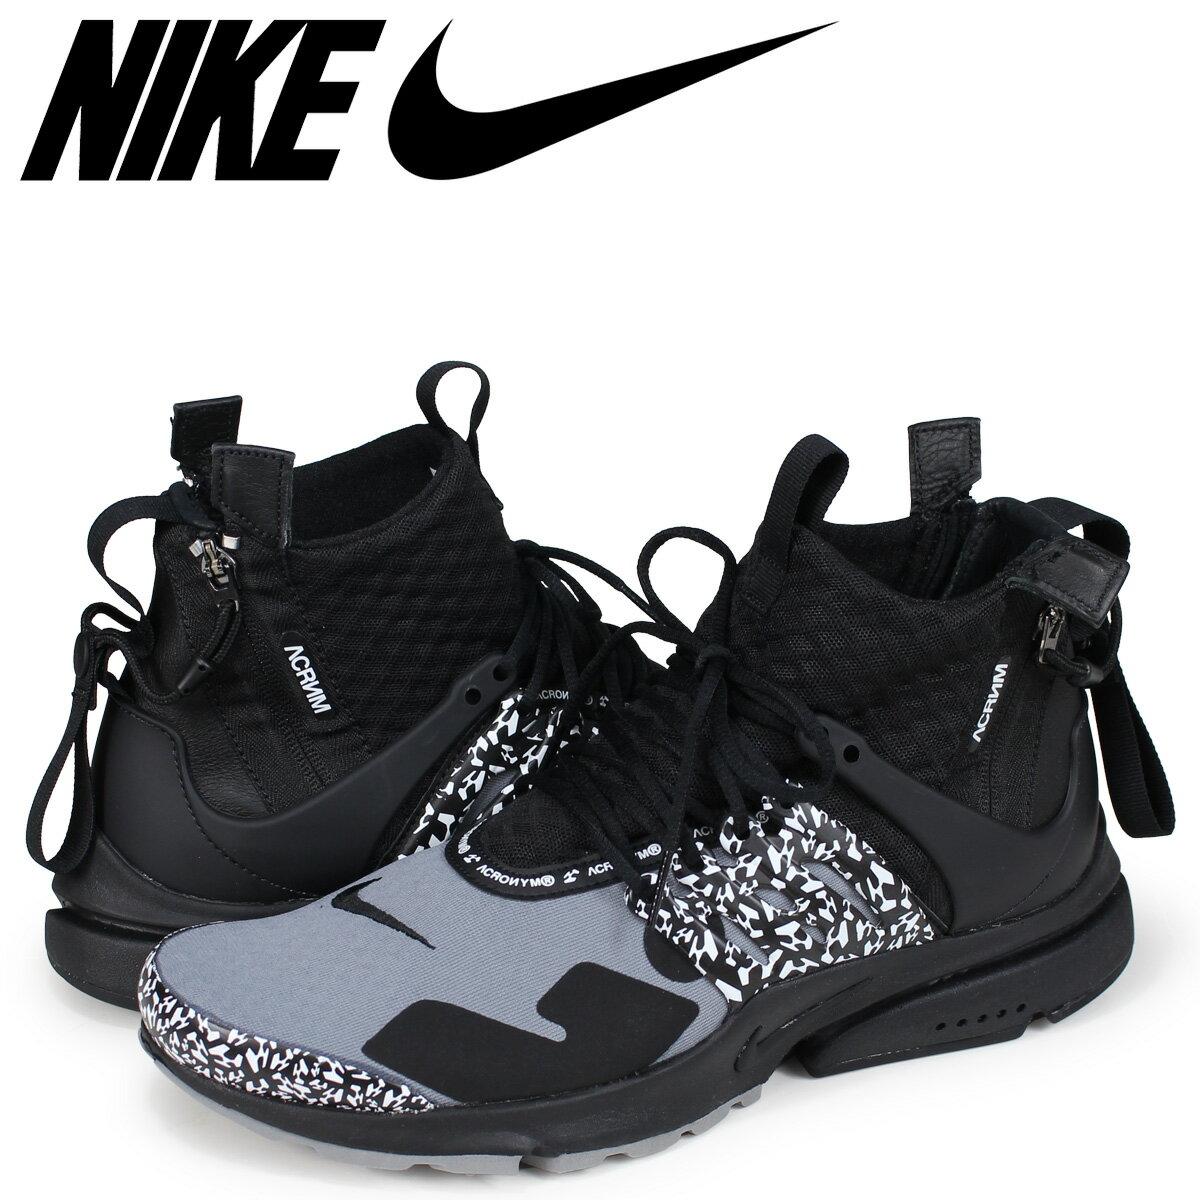 メンズ靴, スニーカー NIKE ACRONYM AIR PRESTO MID AH7832-001